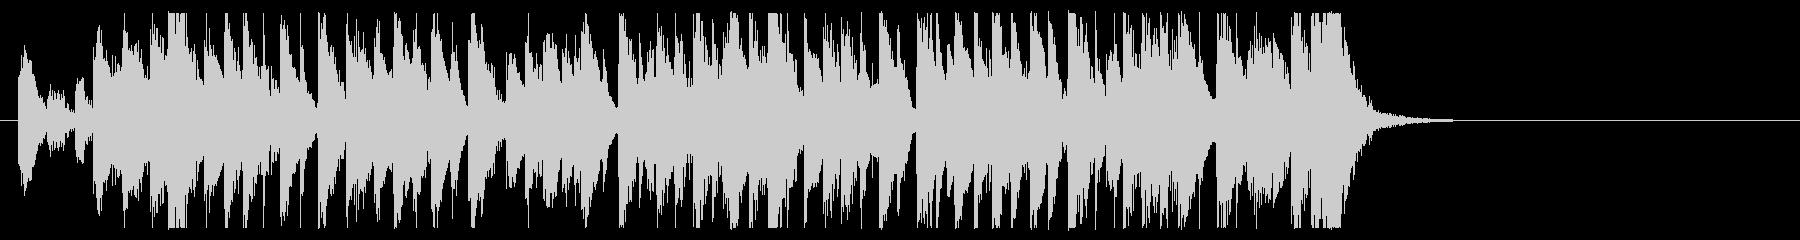 三味線と太鼓のアンサンブル3BPM120の未再生の波形